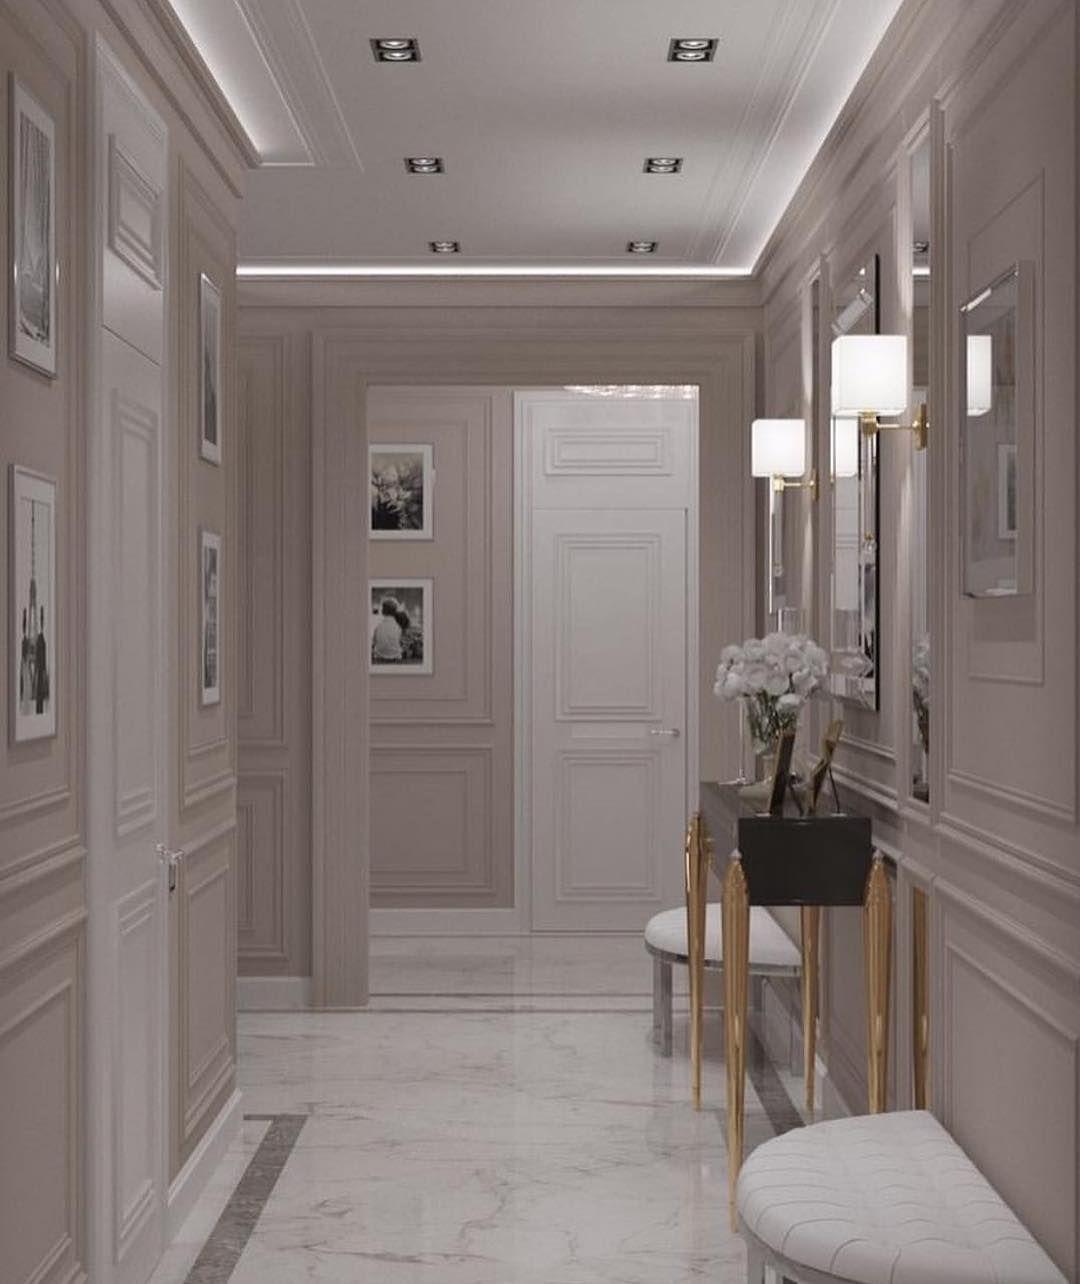 Obraz Moze Zawierac W Budynku Home Room Design House Interior Hall Decor